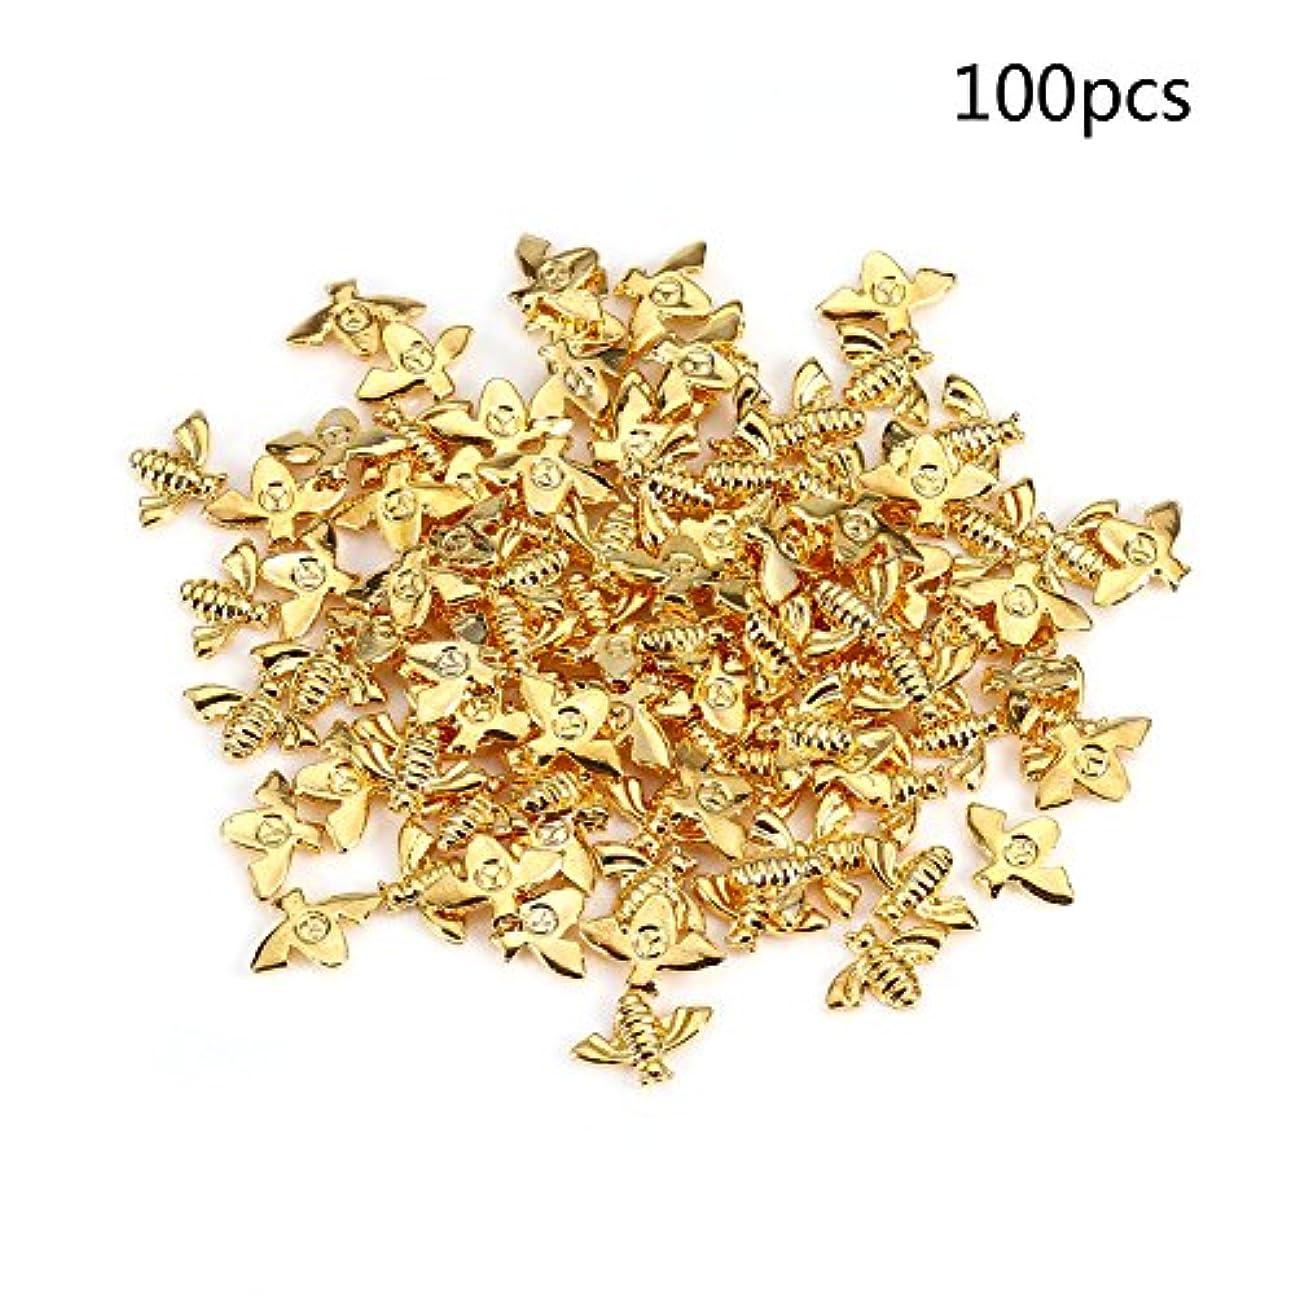 男らしさ反応する油メタルネイルデコレーション 2色100pcs / bag金属蜂3Dネイルデコレーションメタルスティックゴールドシルバーネイルデカールマニキュア (ゴールド)